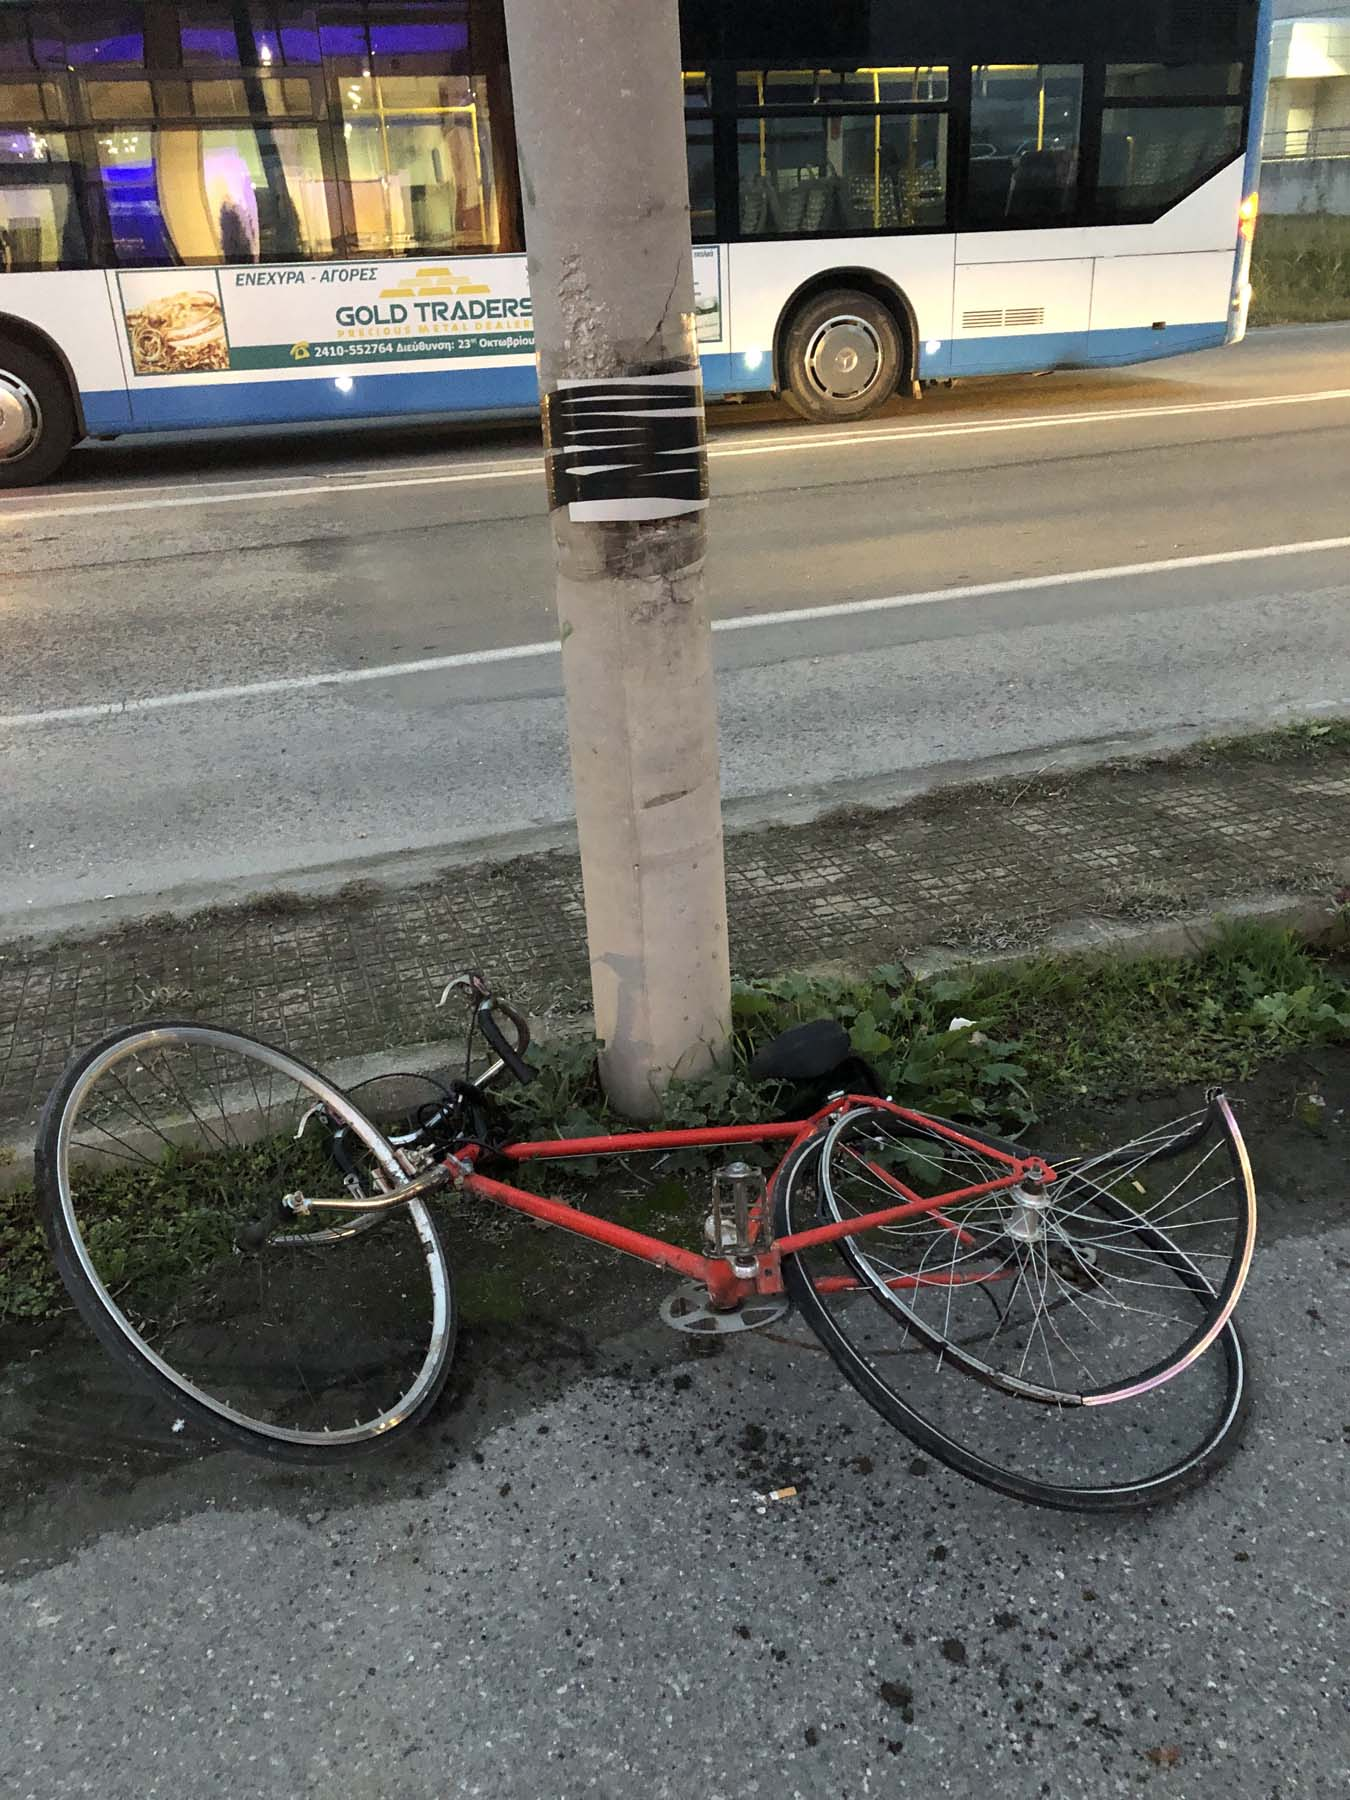 Εκτός κινδύνου νοσηλεύεται ο 20χρονος Λαρισαίος σπουδαστής μετά το σοβαρό τροχαίο με το ποδήλατό του